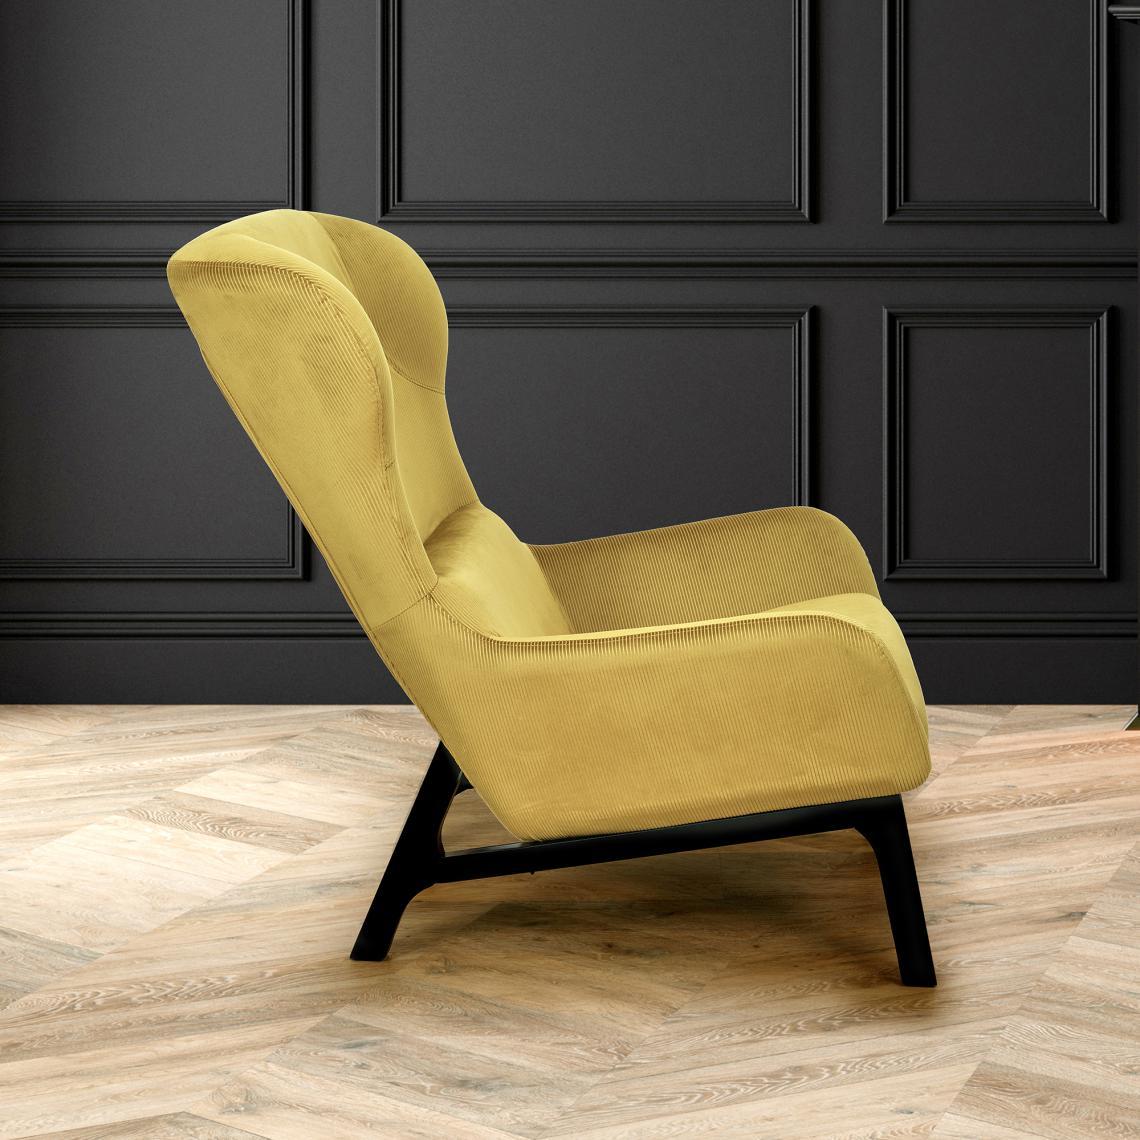 fauteuil velours cotele roma jaune moutarde  3 suisses